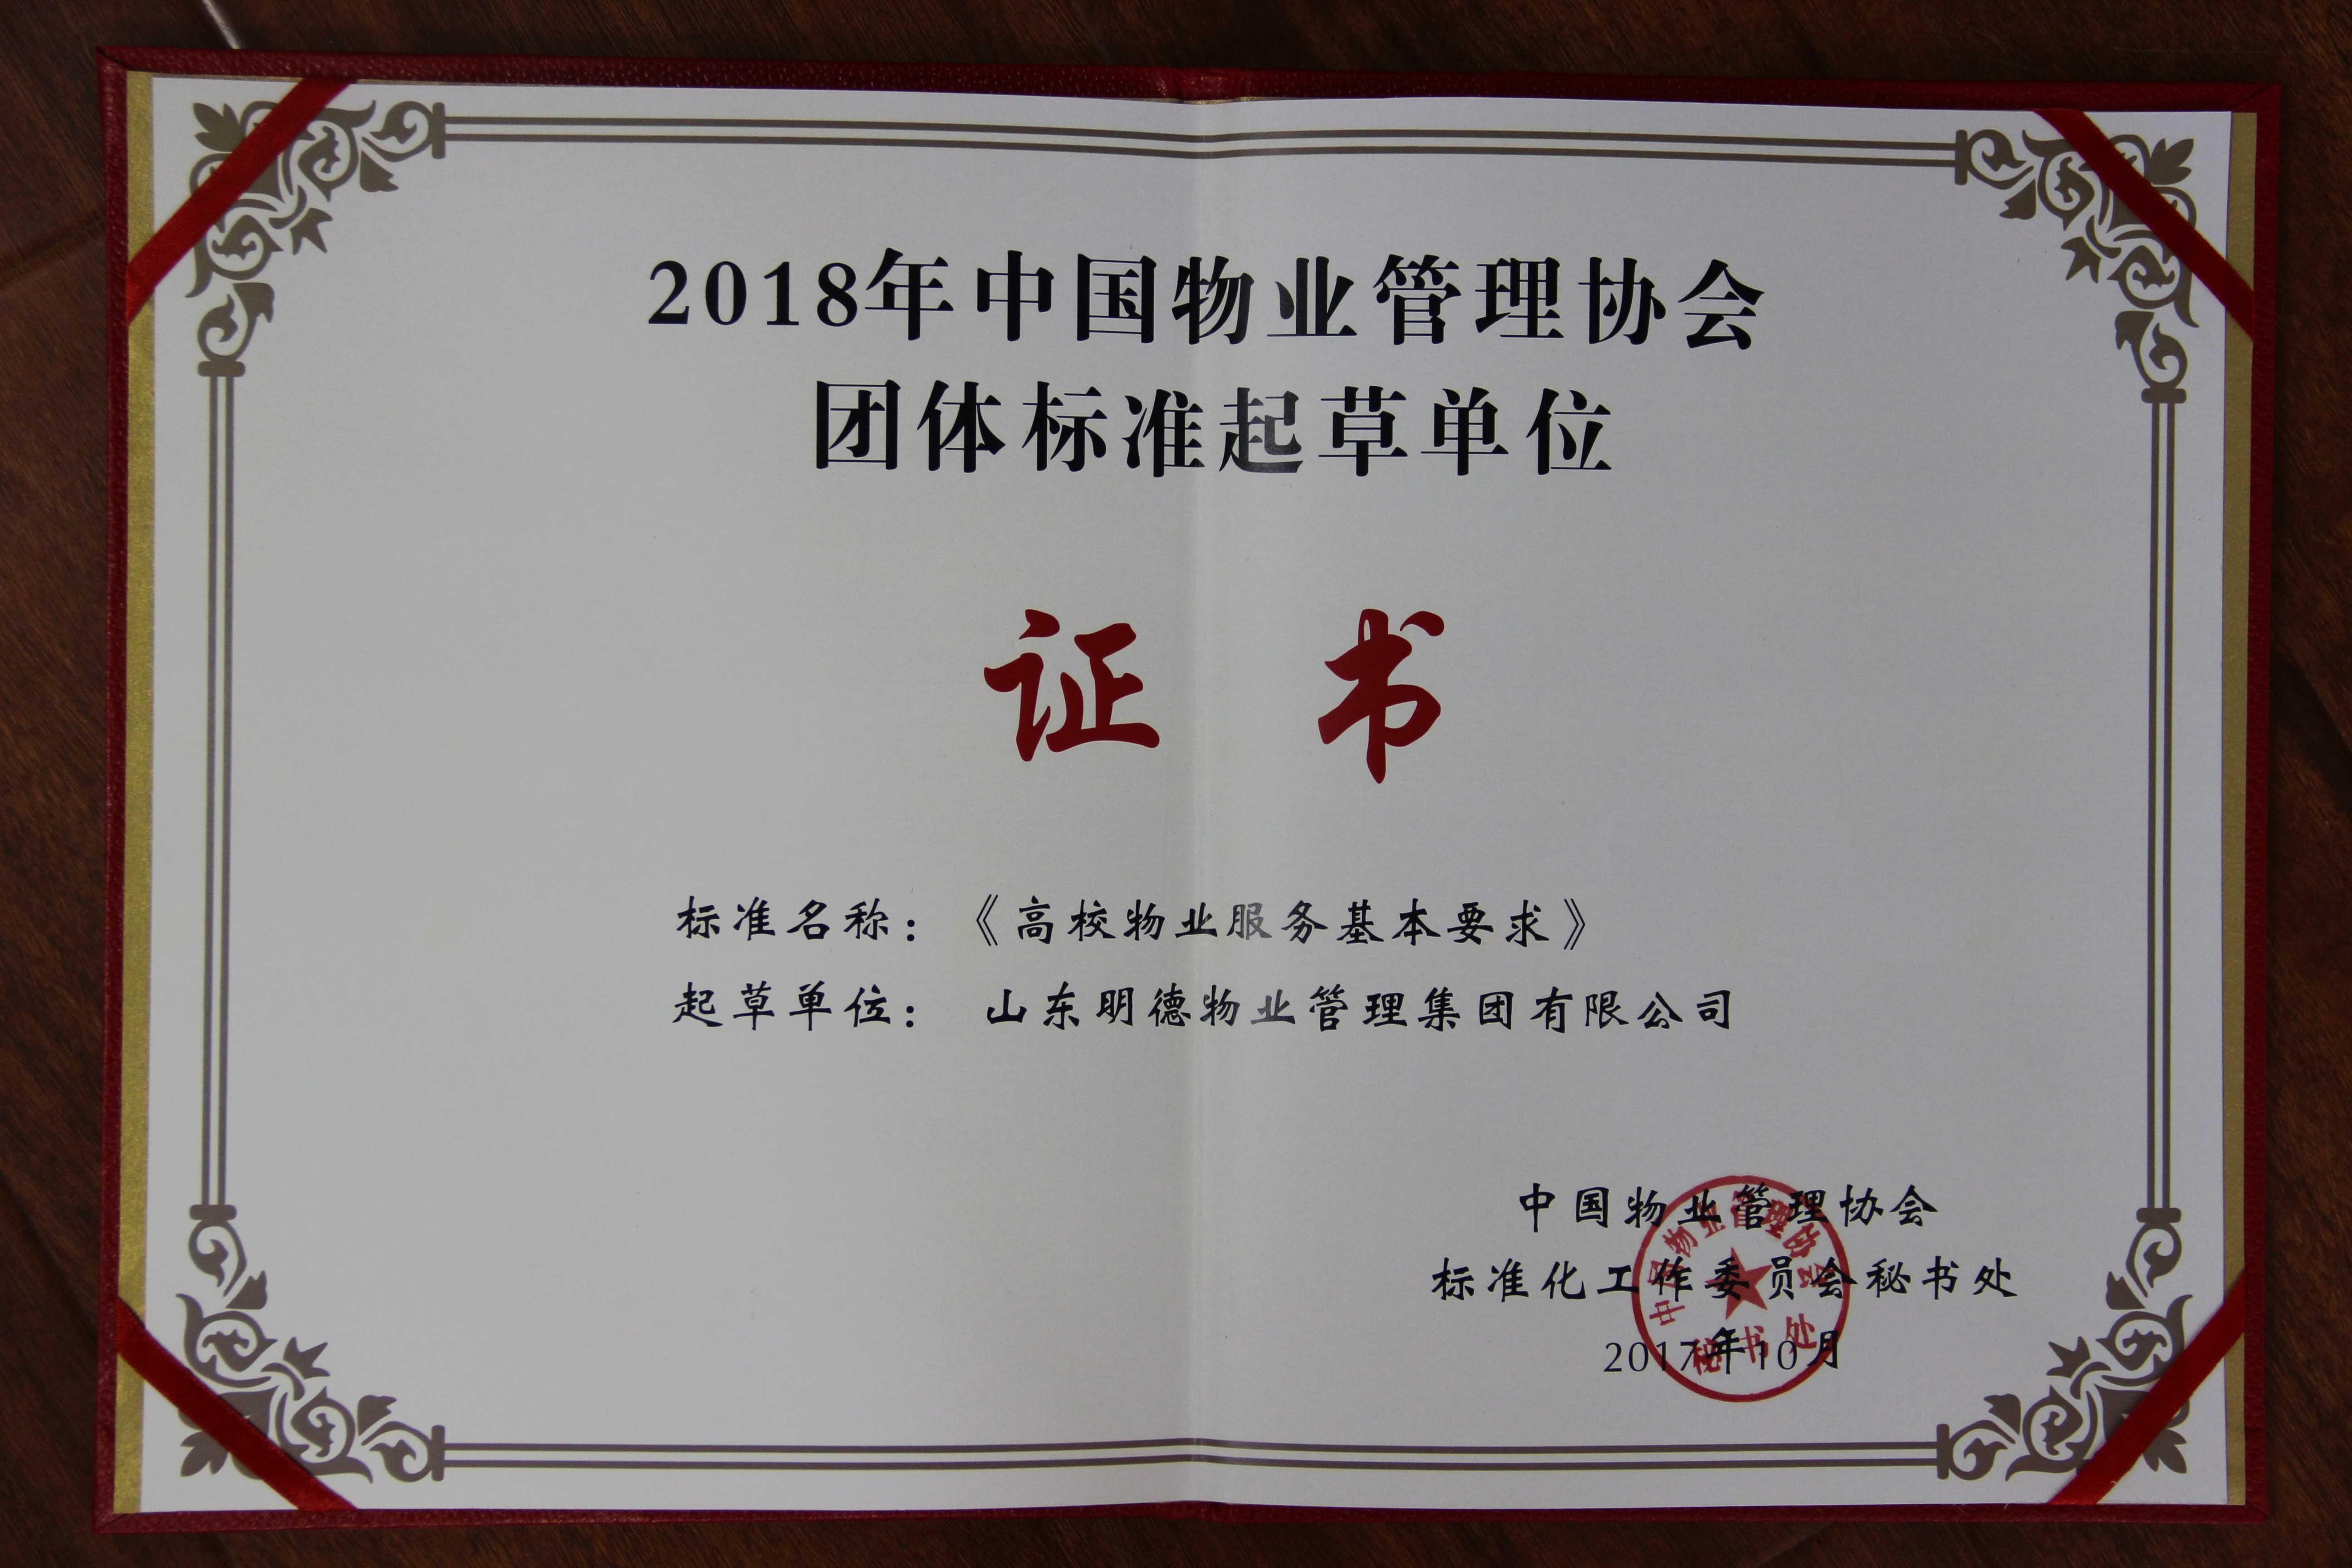 2018年中國物業管理協會團體標準起草單位